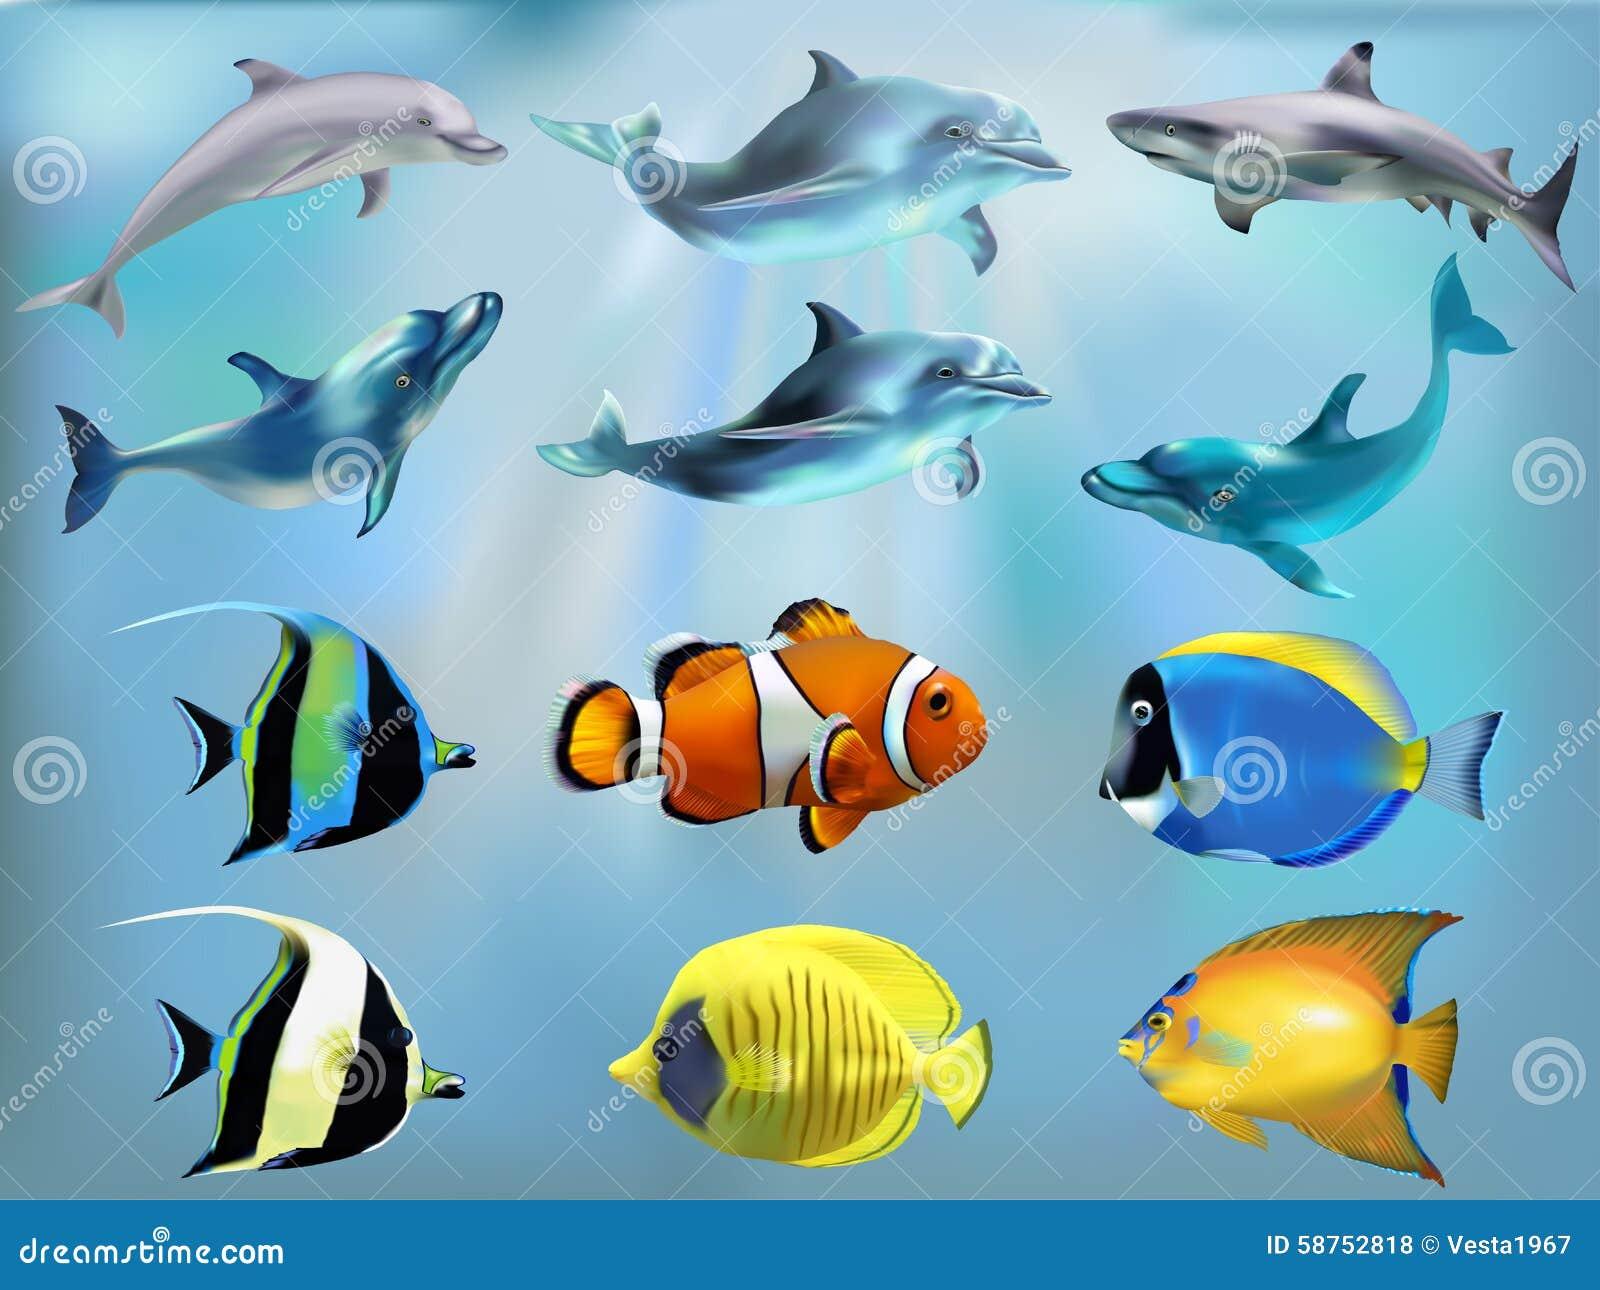 meeresfisch im satz vektor abbildung bild von haifische. Black Bedroom Furniture Sets. Home Design Ideas